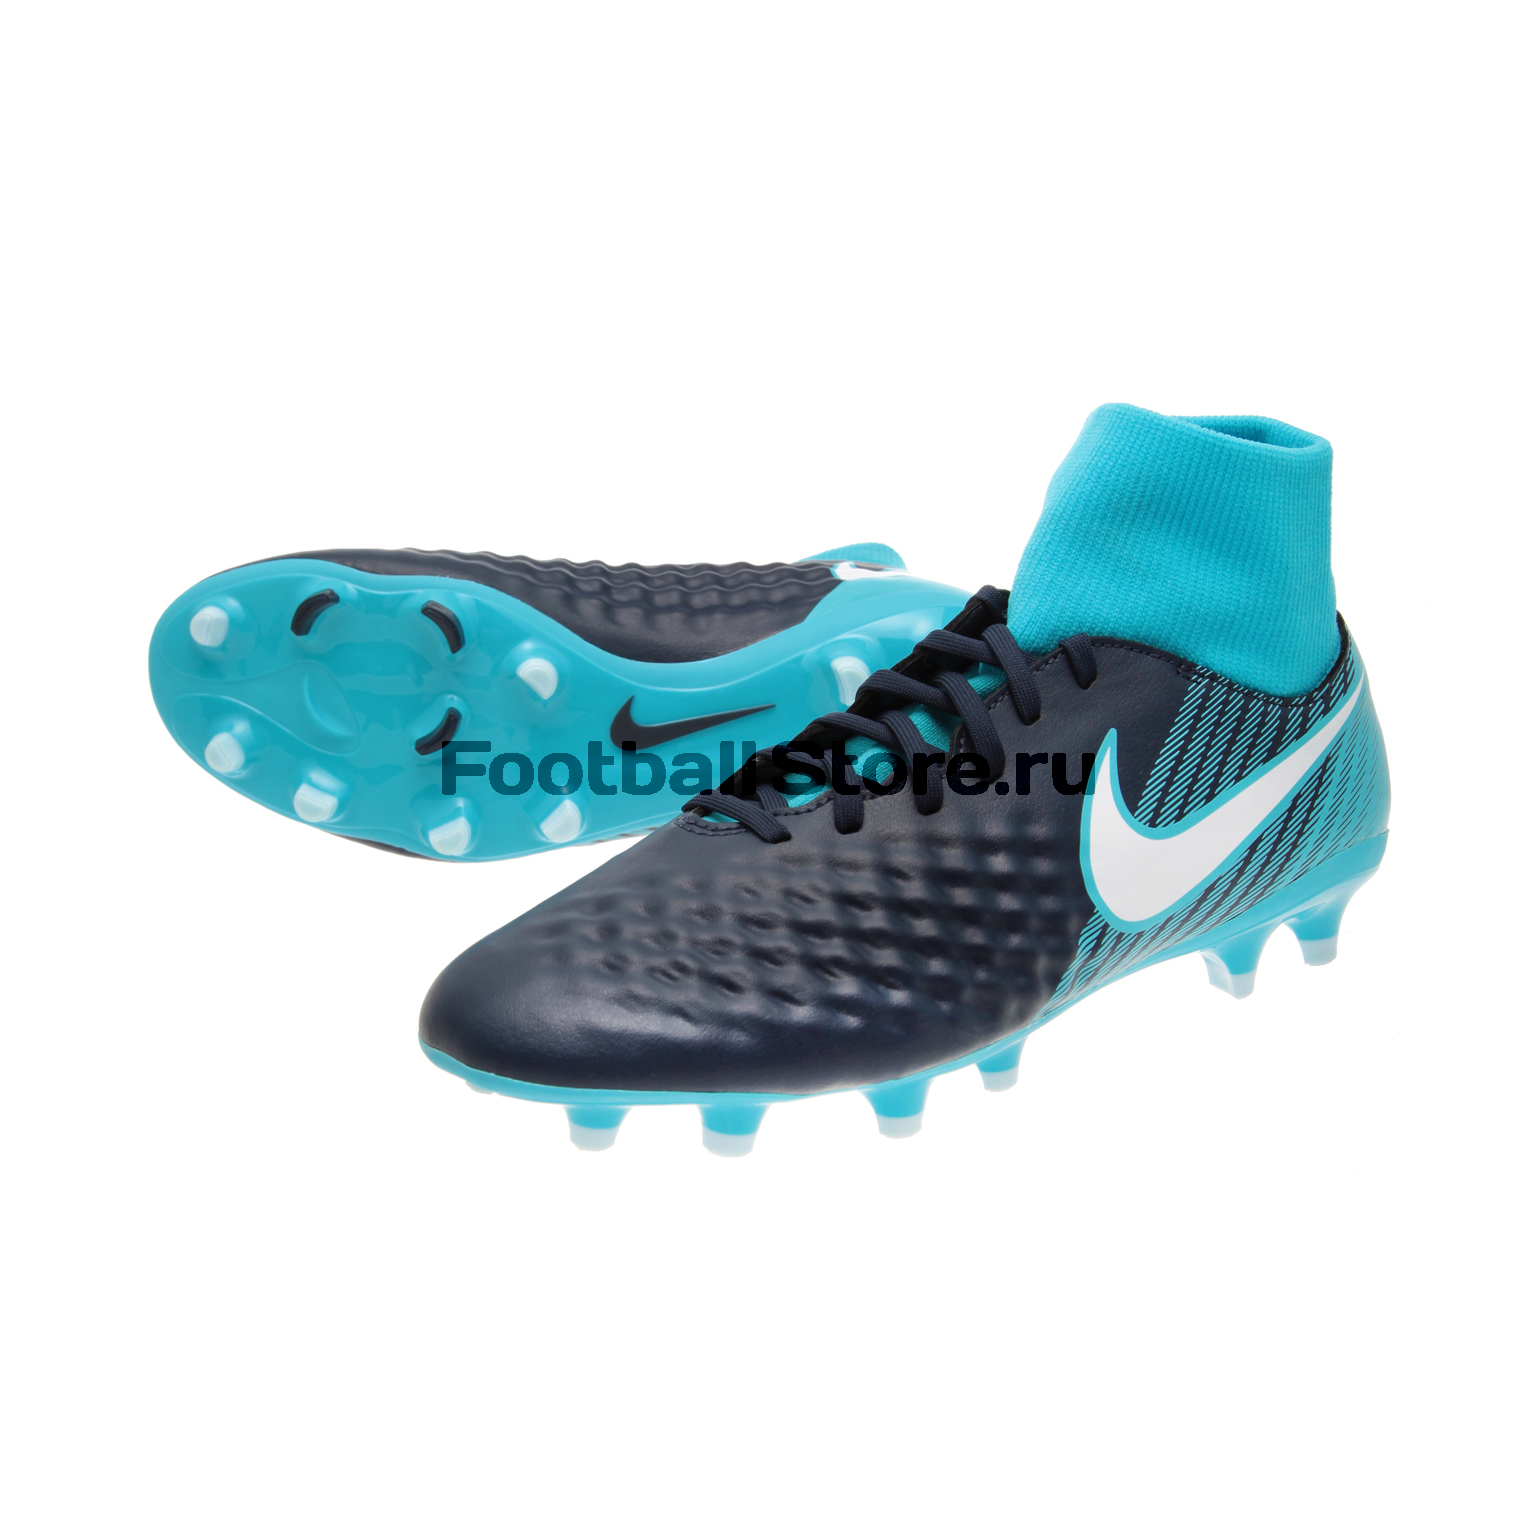 Игровые бутсы Nike Бутсы Nike Magista Onda II DF FG 917787-414 игровые бутсы nike бутсы nike magista orden ii fg 843812 801